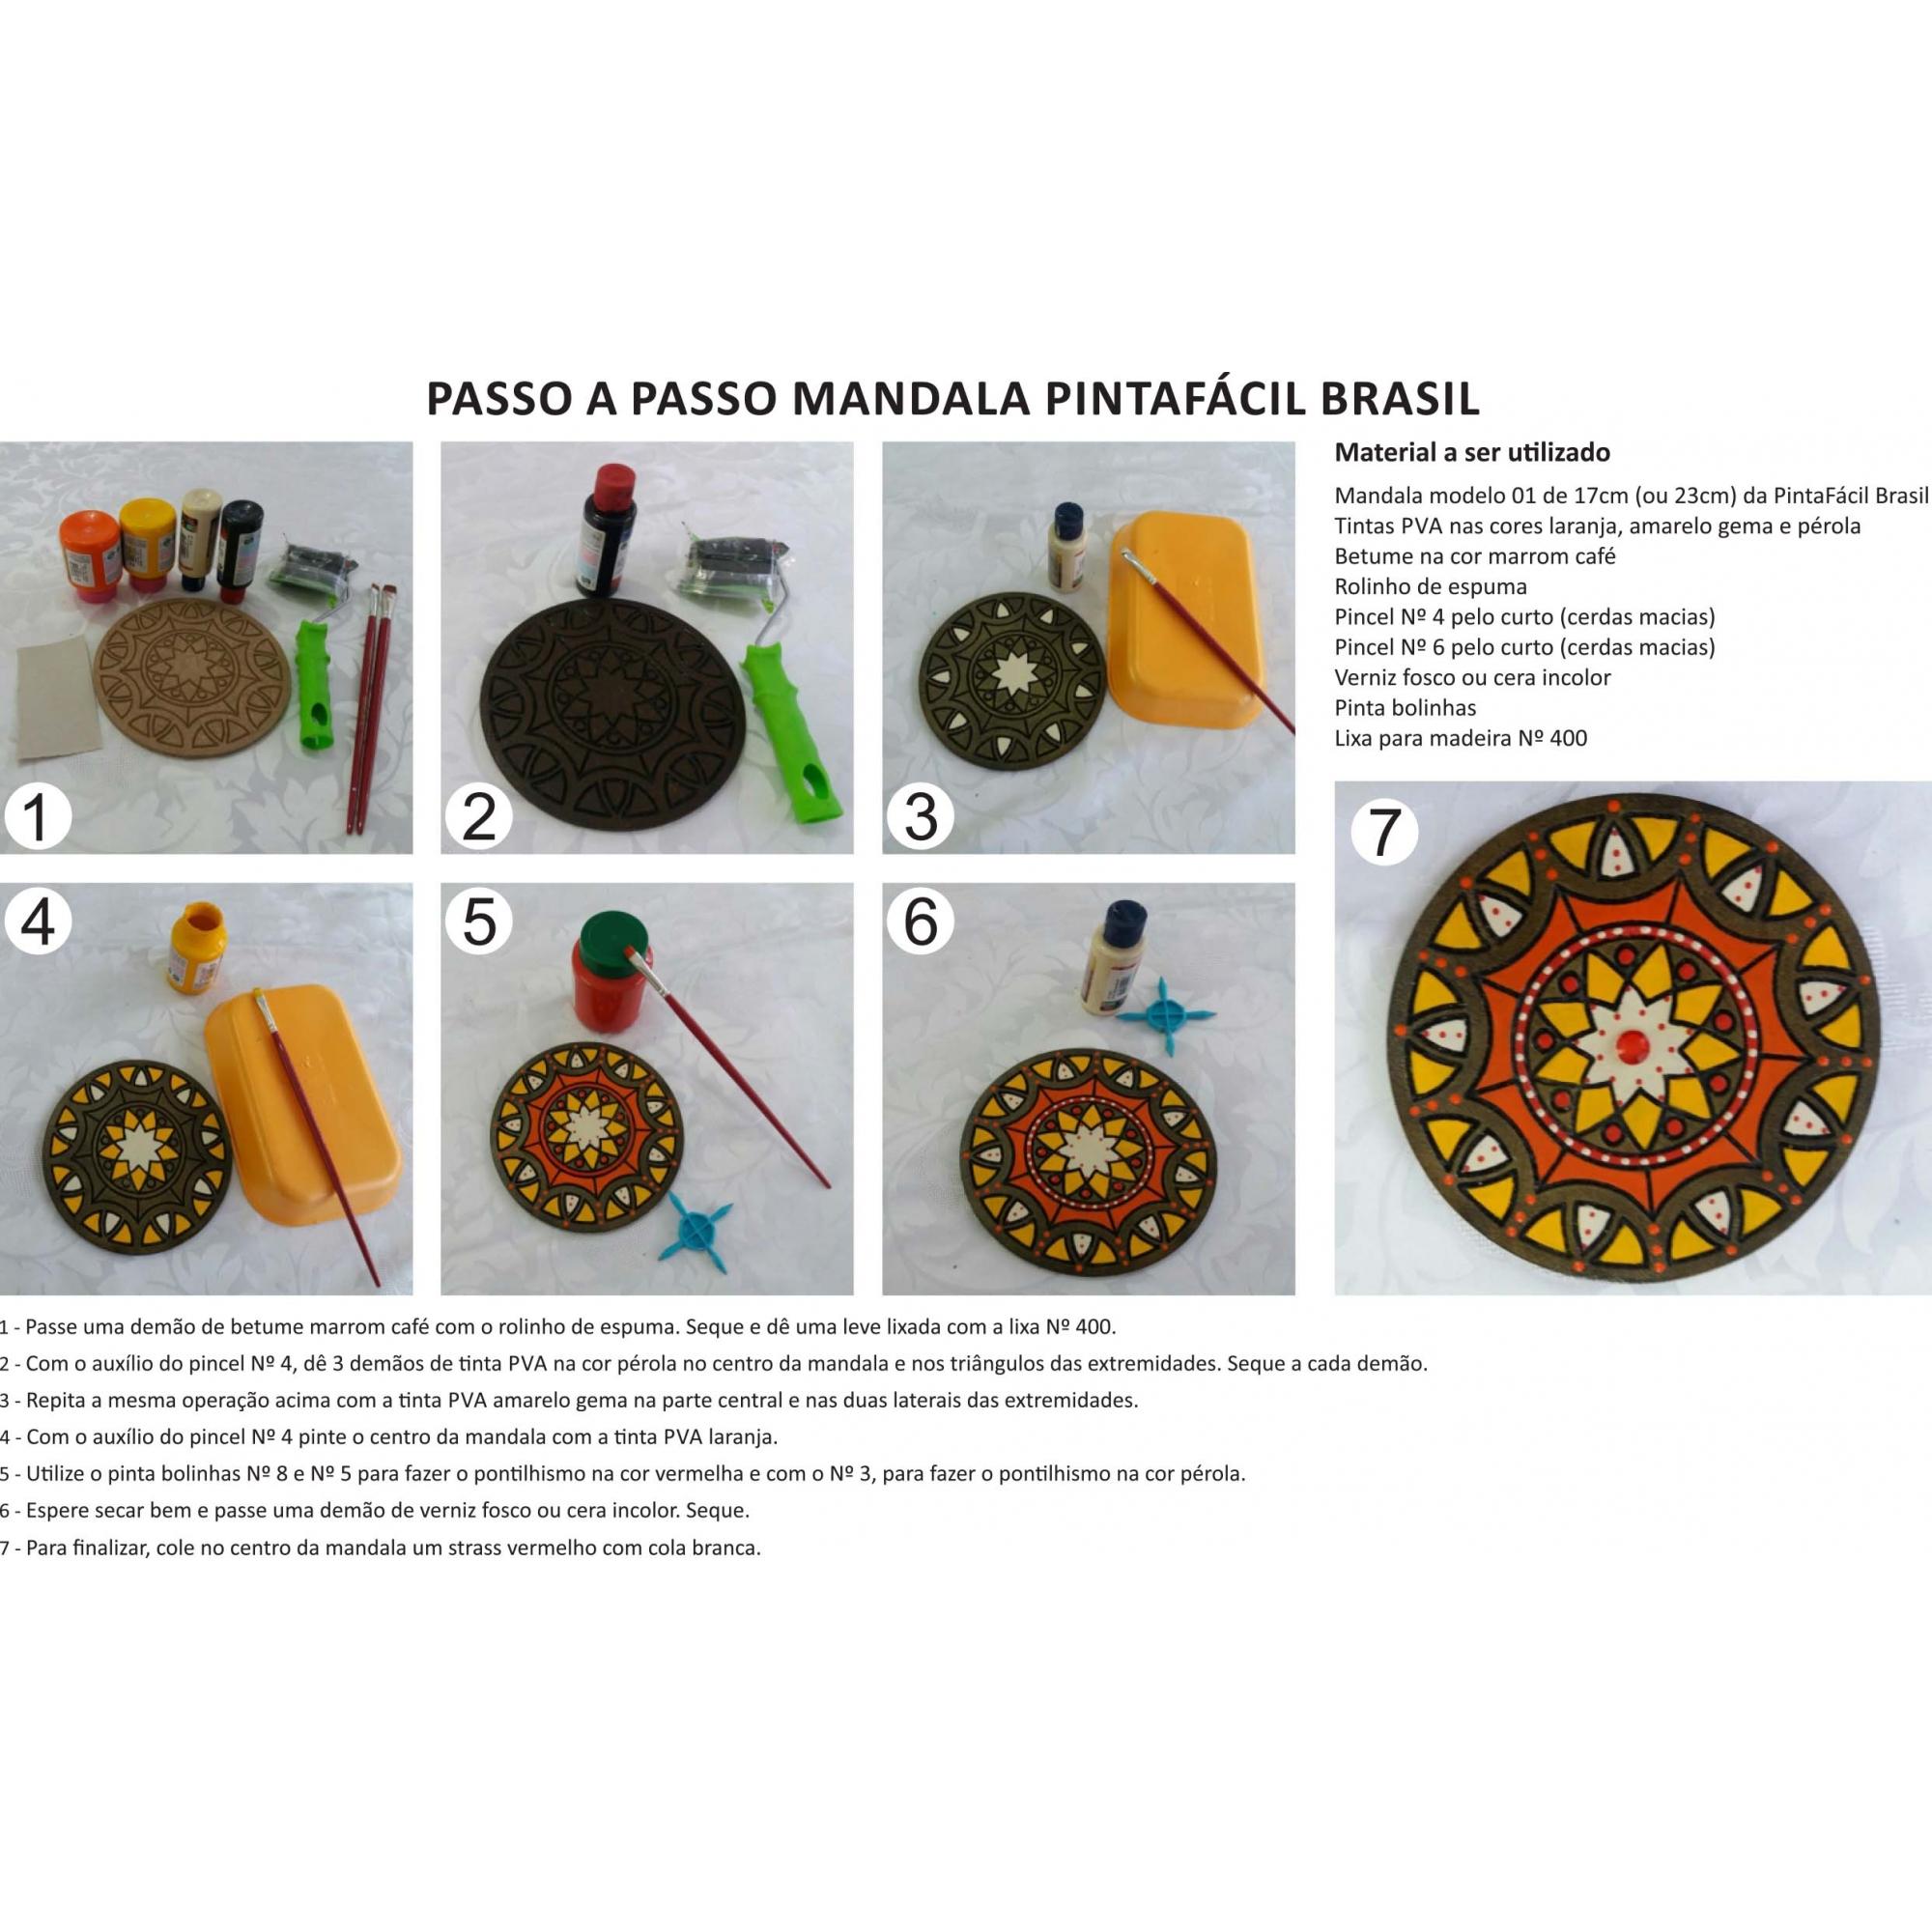 Kit 5 Peças Ganesha em Mdf Cru 15xh21cm para Pintar